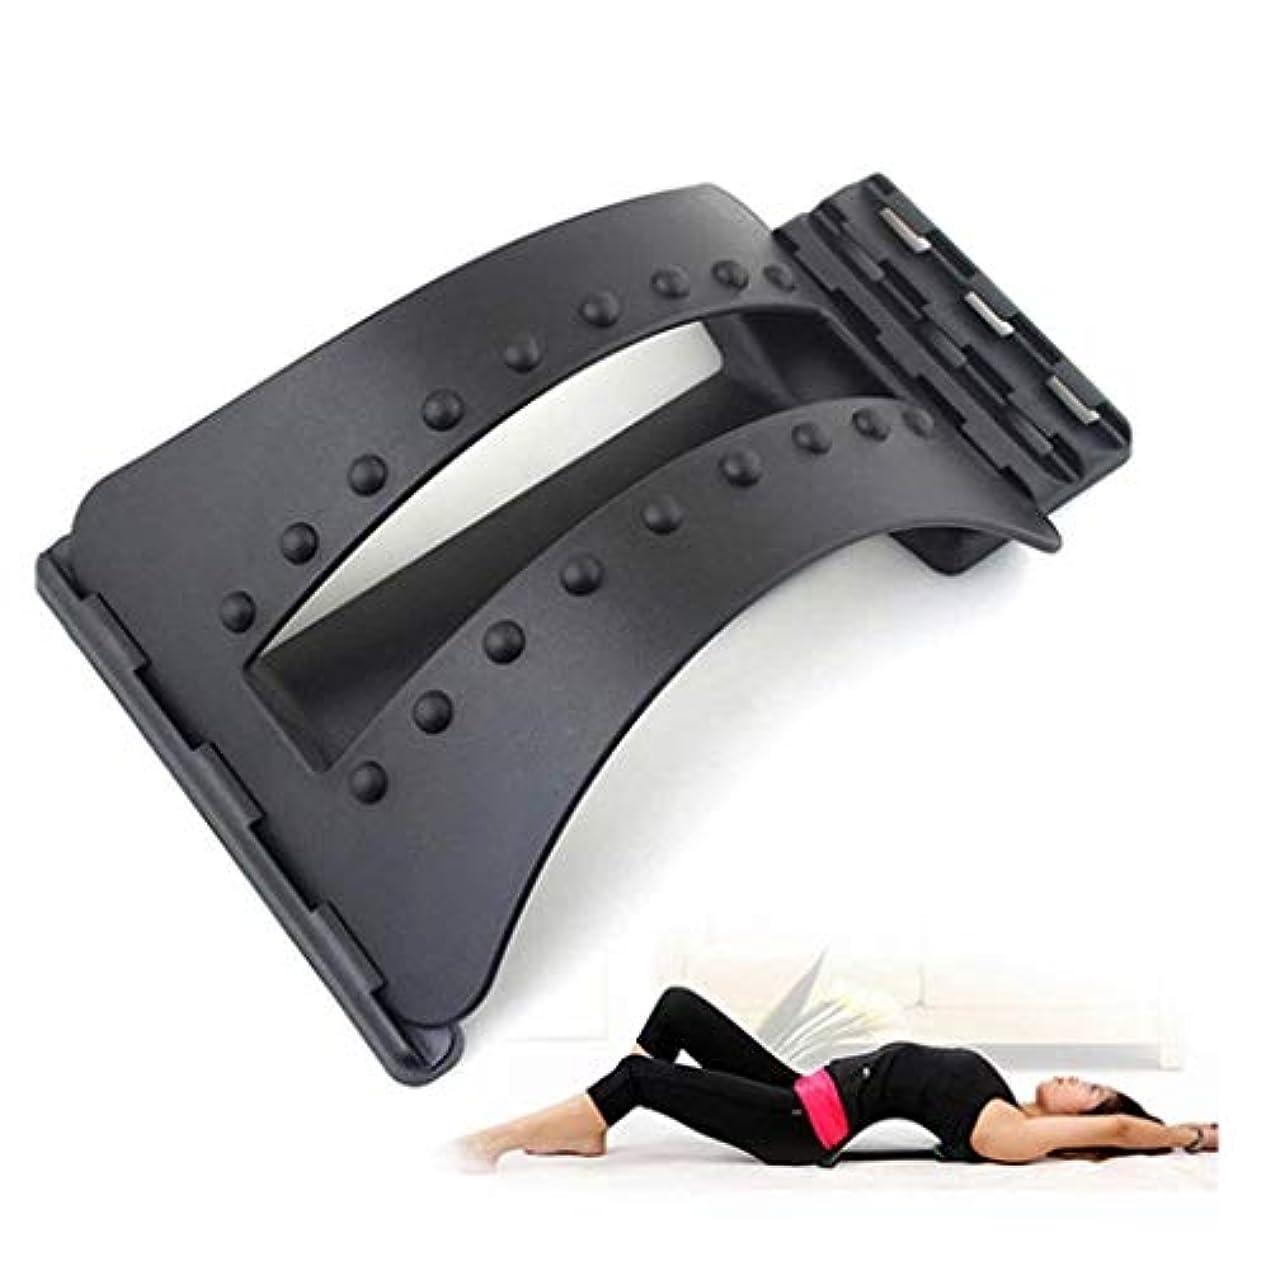 口士気火星バックマッサージ、マジックバックサポートとストレッチストレッチャーマジックストレッチャーバックストレッチャー腰椎サポートデバイスリラクゼーションパートナー脊椎の痛みを軽減する脊椎マッサージ療法